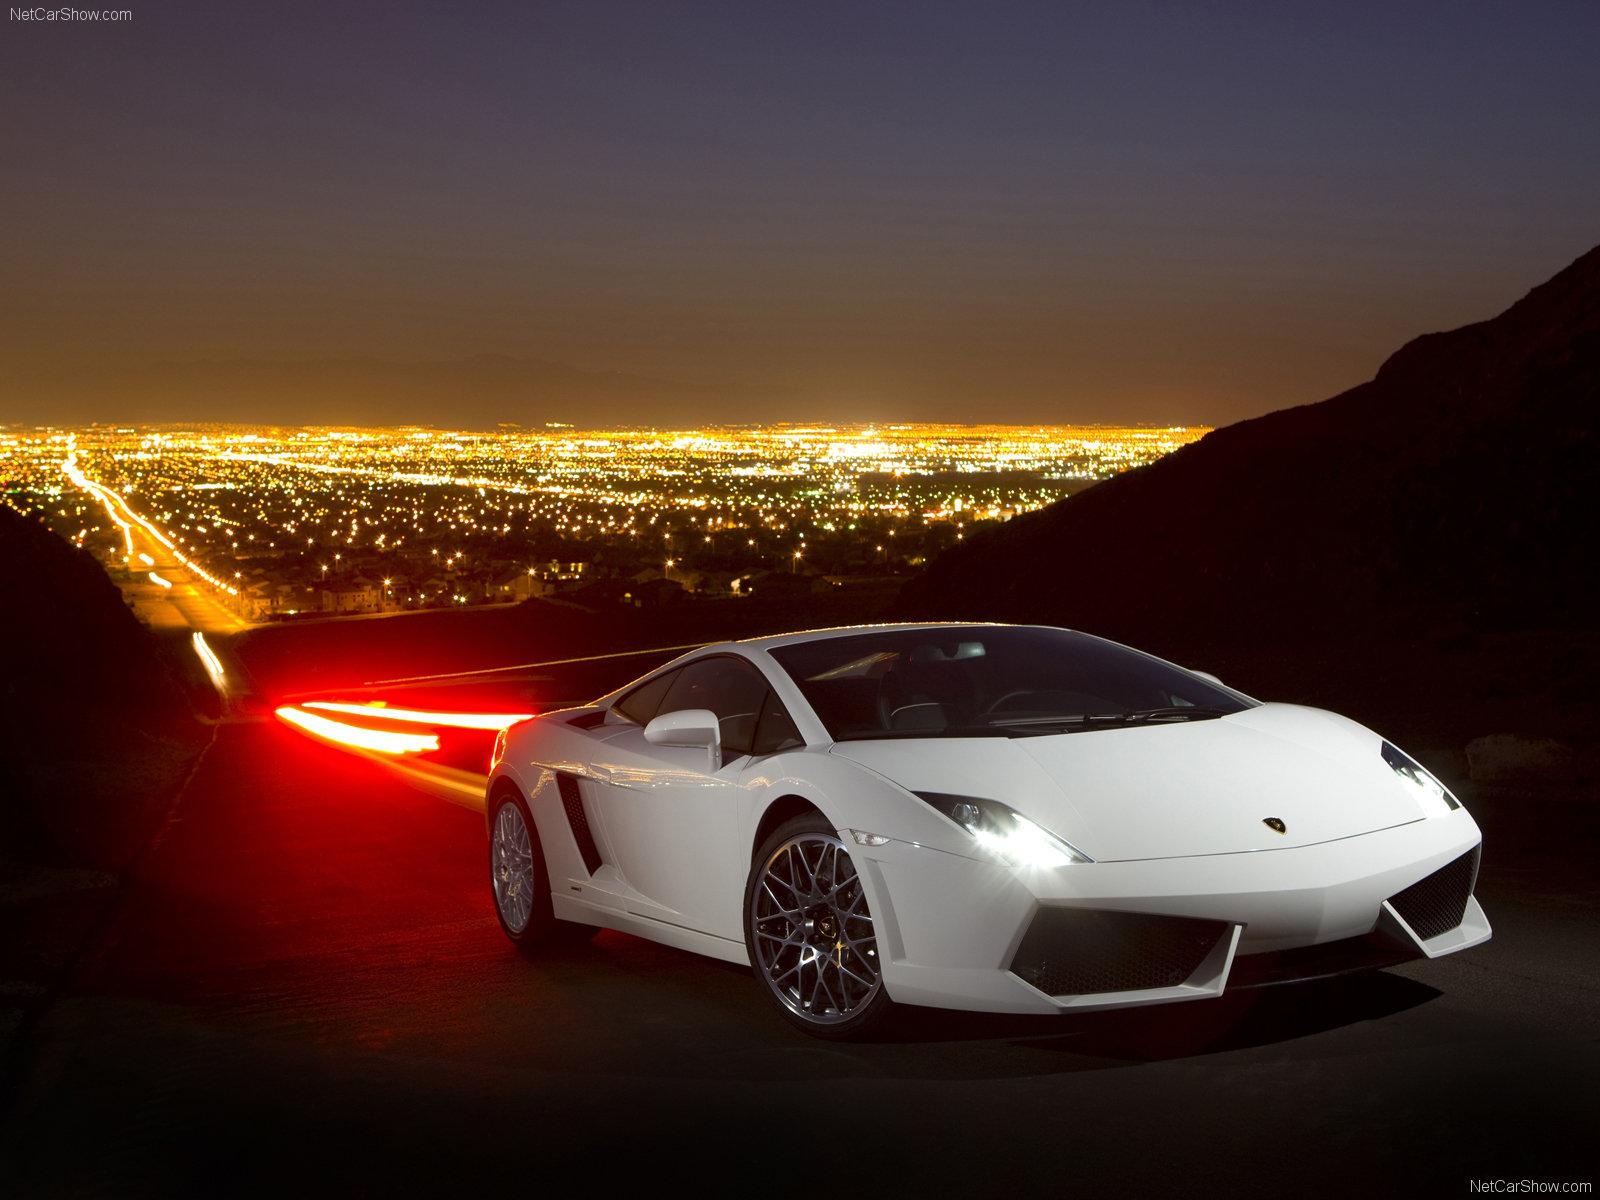 68 Lamborghini Wallpapers Hd On Wallpapersafari